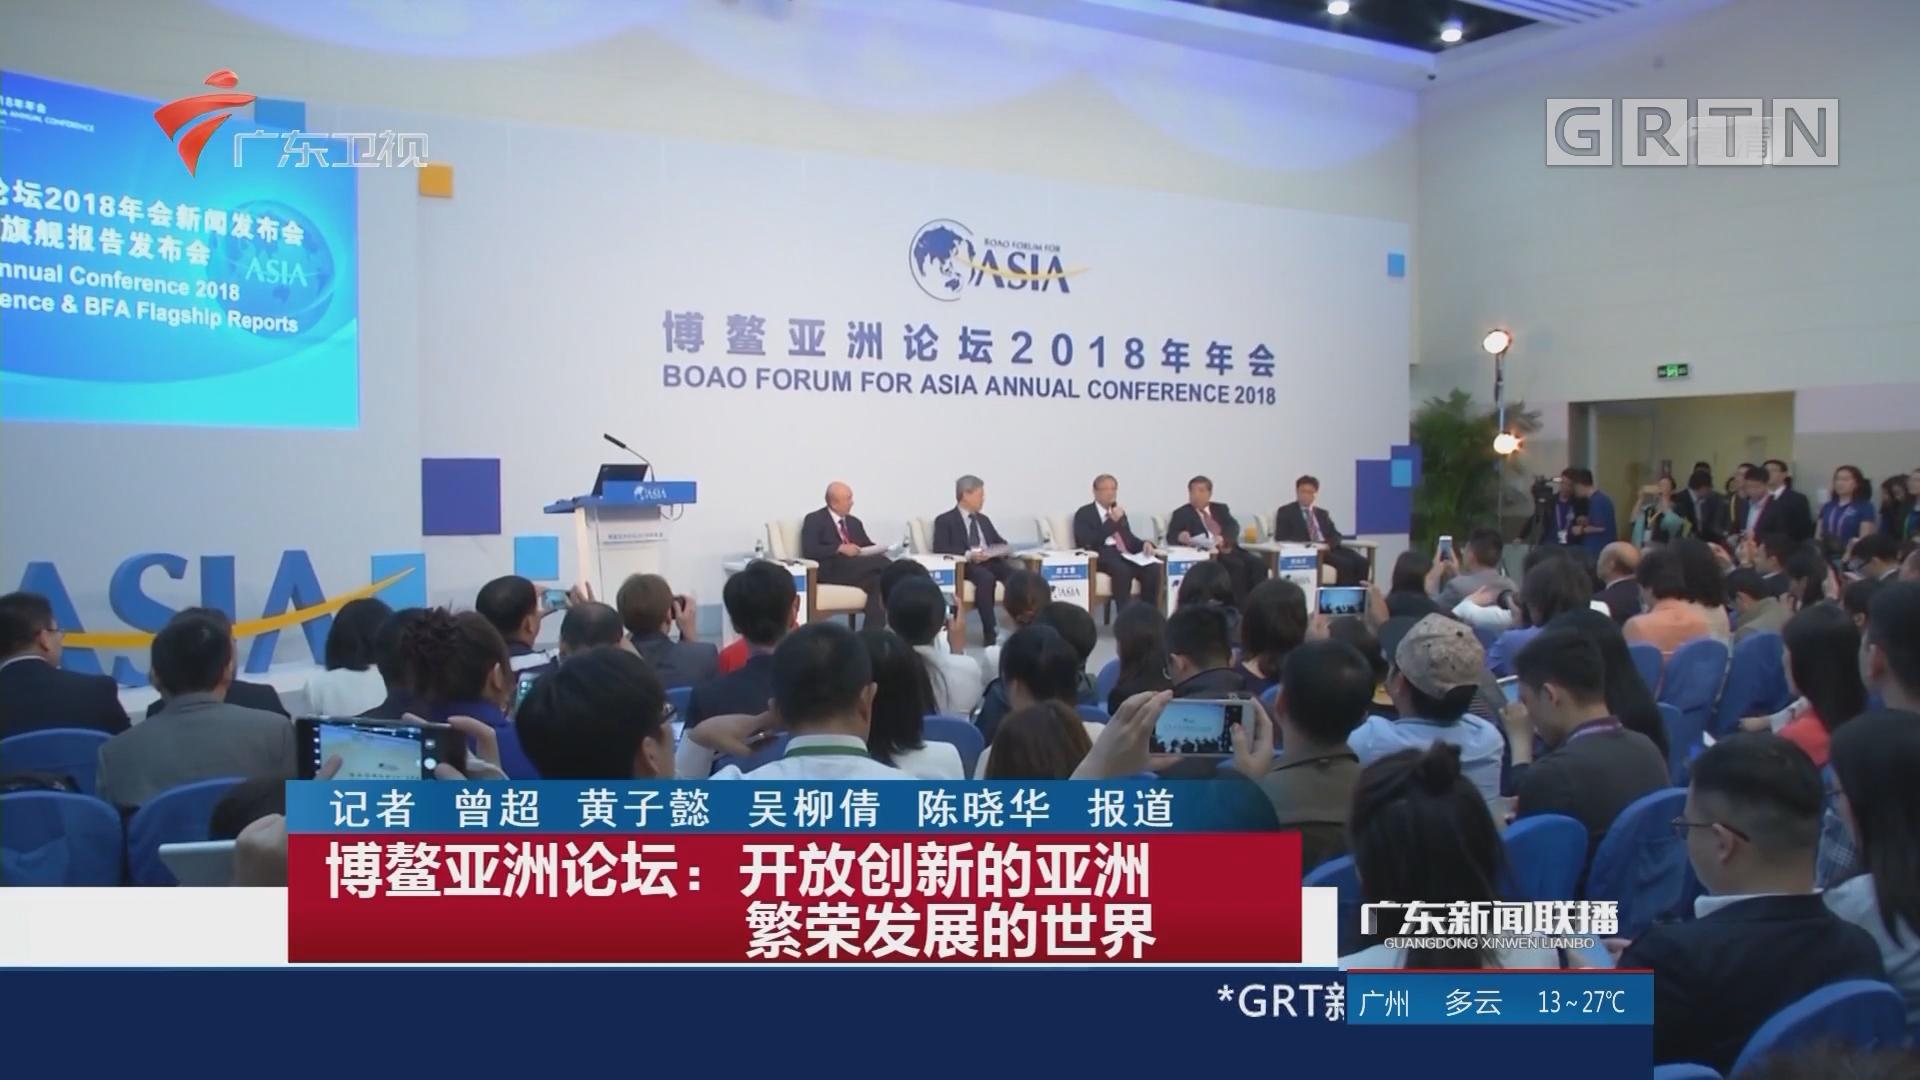 博鳌亚洲论坛:开放创新的亚洲 繁荣发展的世界